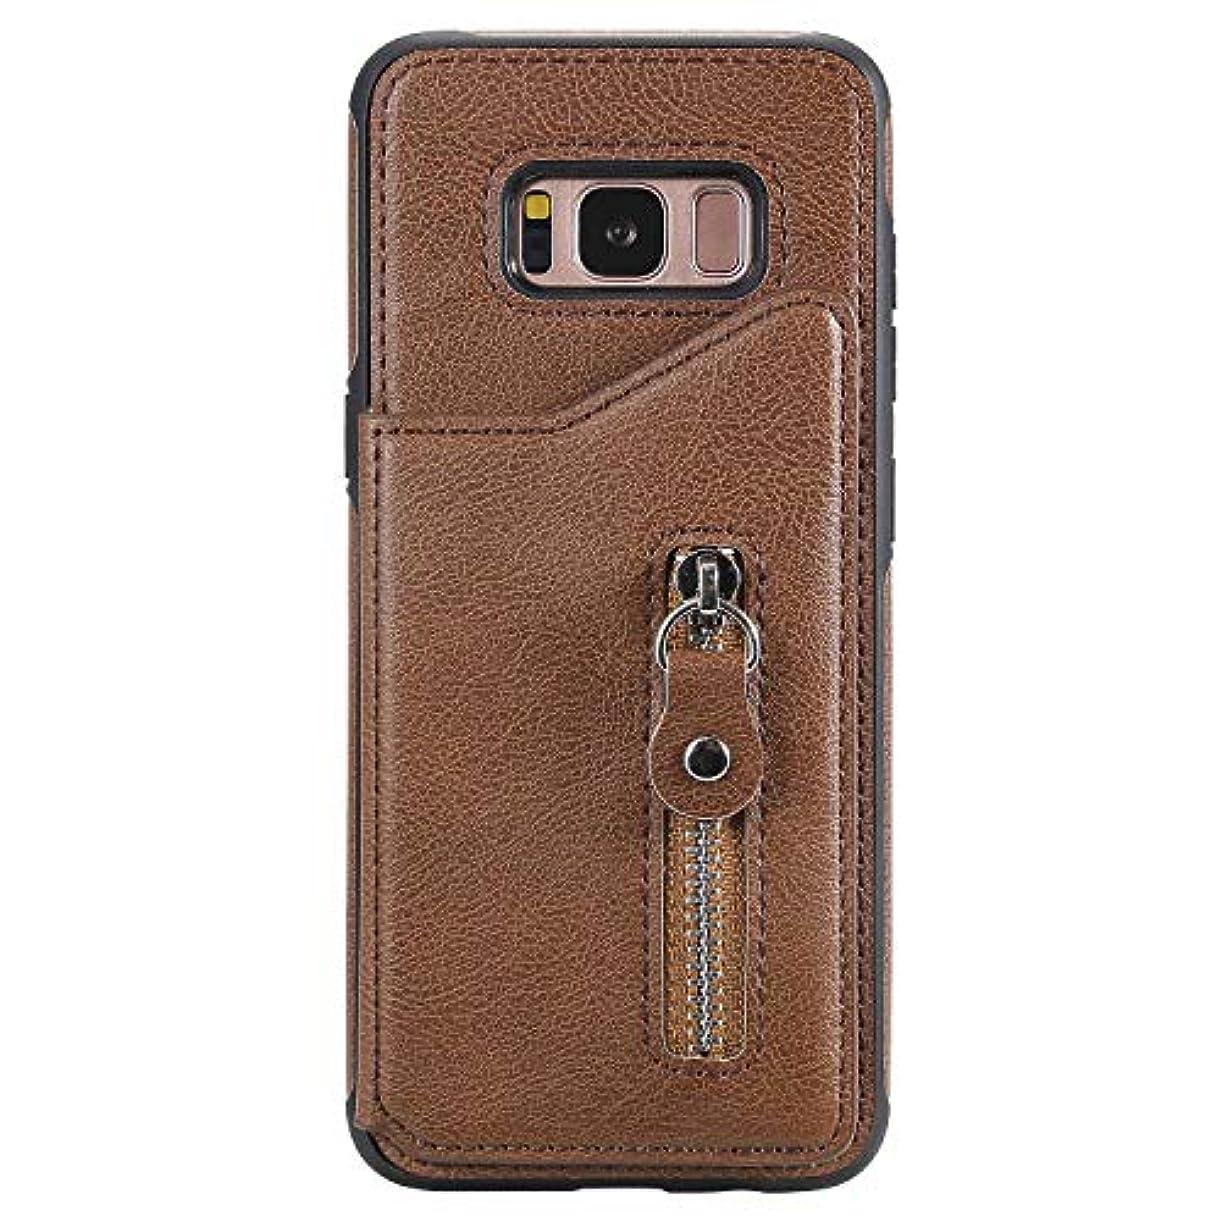 郵便番号仕出します仕立て屋OMATENTI Galaxy S8 ケース, PUレザー 薄型 簡約風 人気 新品 バックケース Galaxy S8 用 Case Cover, 財布とコインポケット付き, 液晶保護 カード収納, 褐色